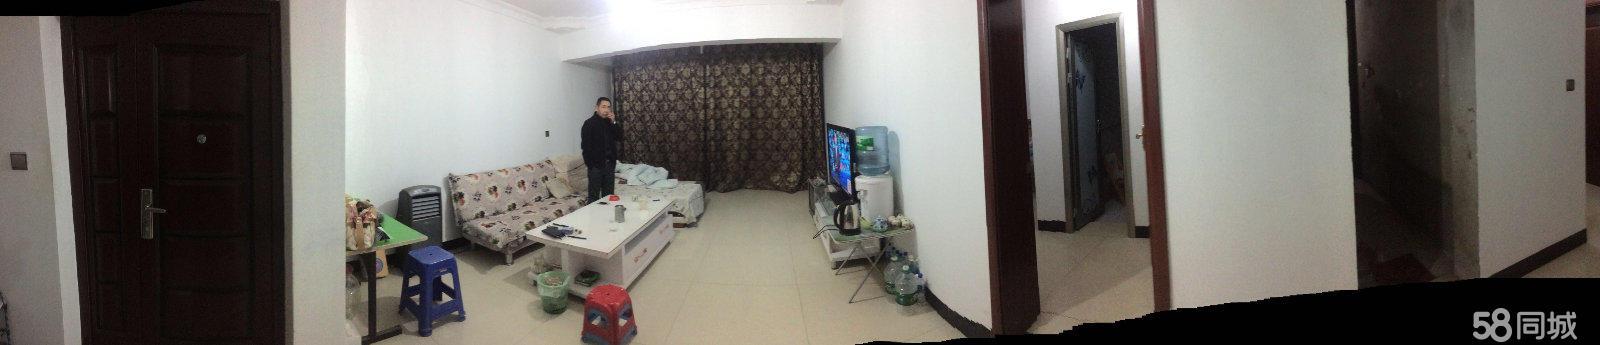 澳门网络下注赌场永盛商都小区3室2厅2卫98.9平米